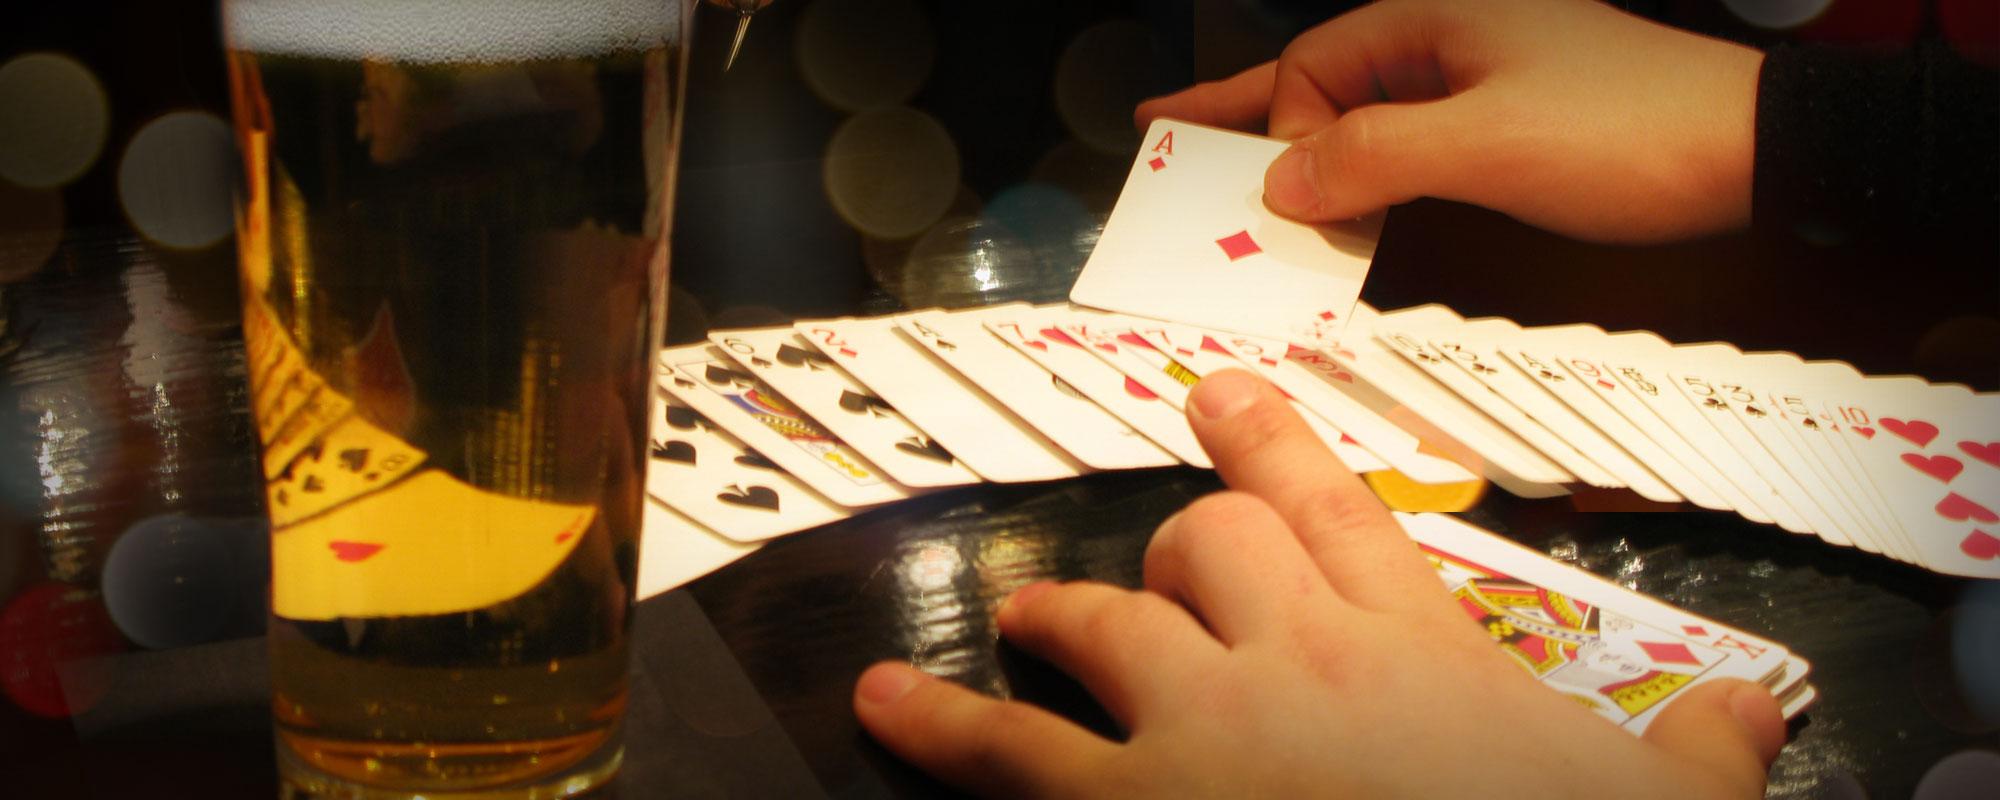 Ett kortttrick framförs bredvid ett ölglas